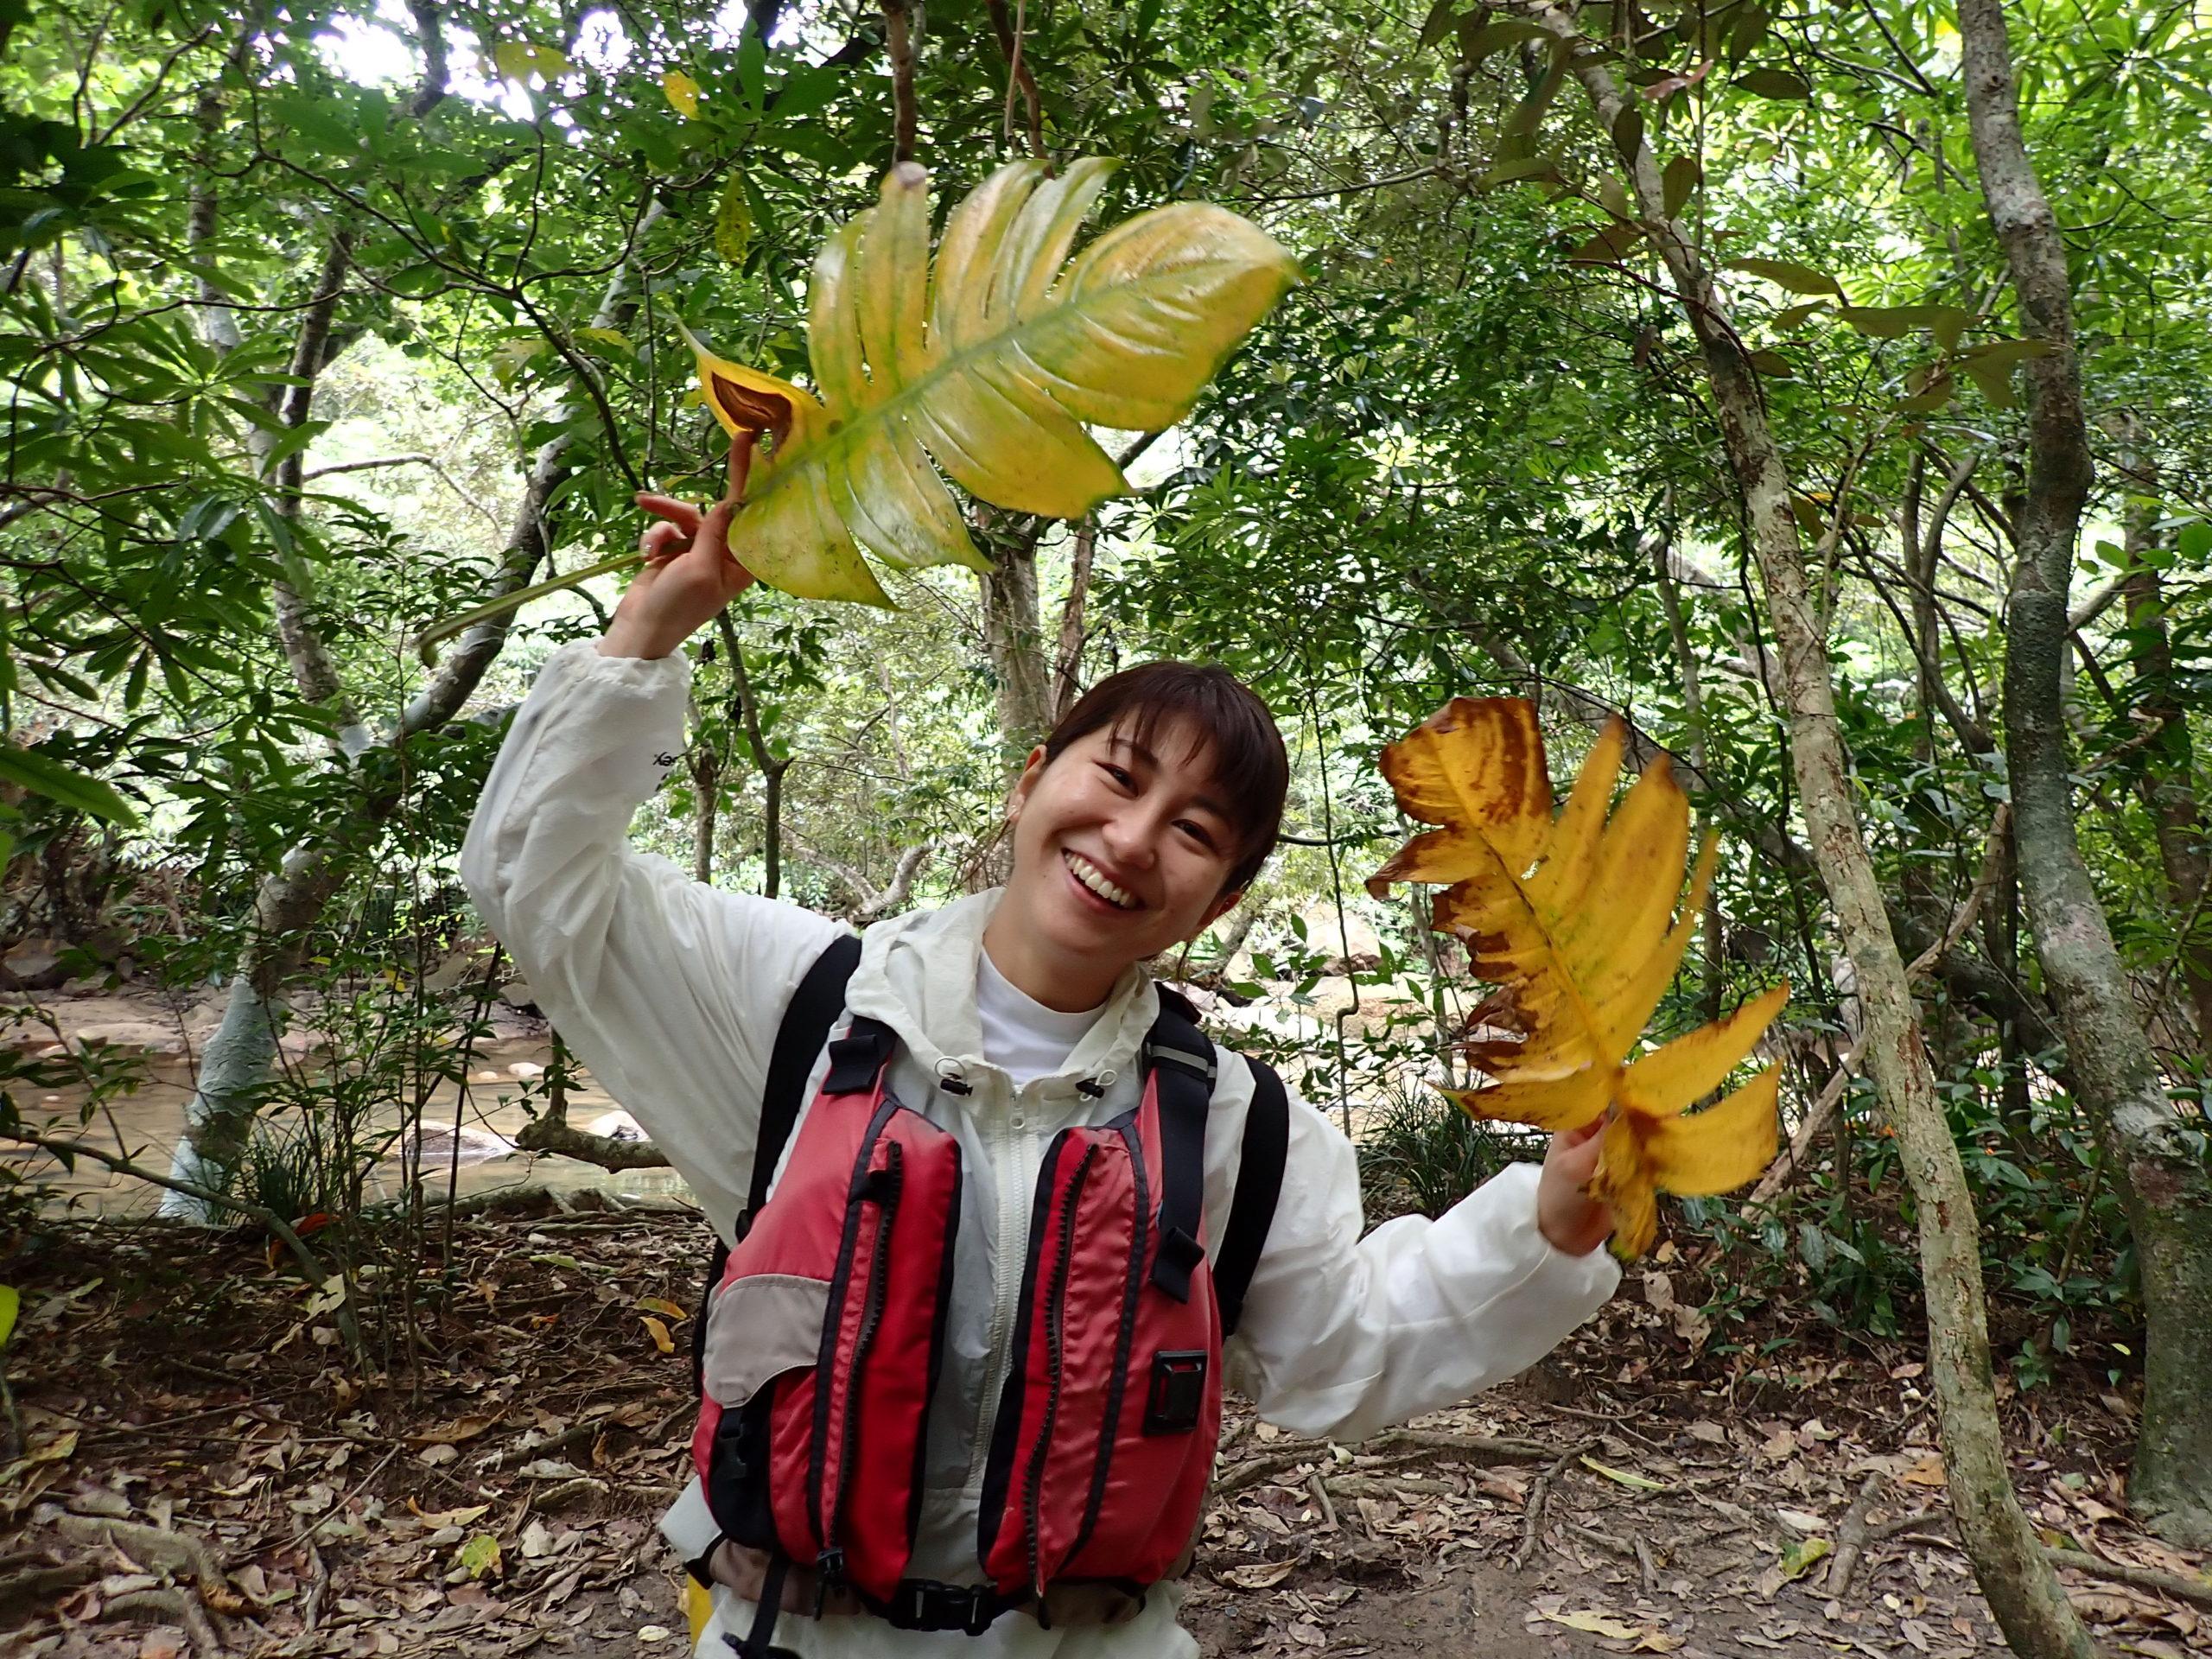 1人旅も大歓迎!西表島で遊ぶならここ!ピナイサーラの滝カヌーツアー